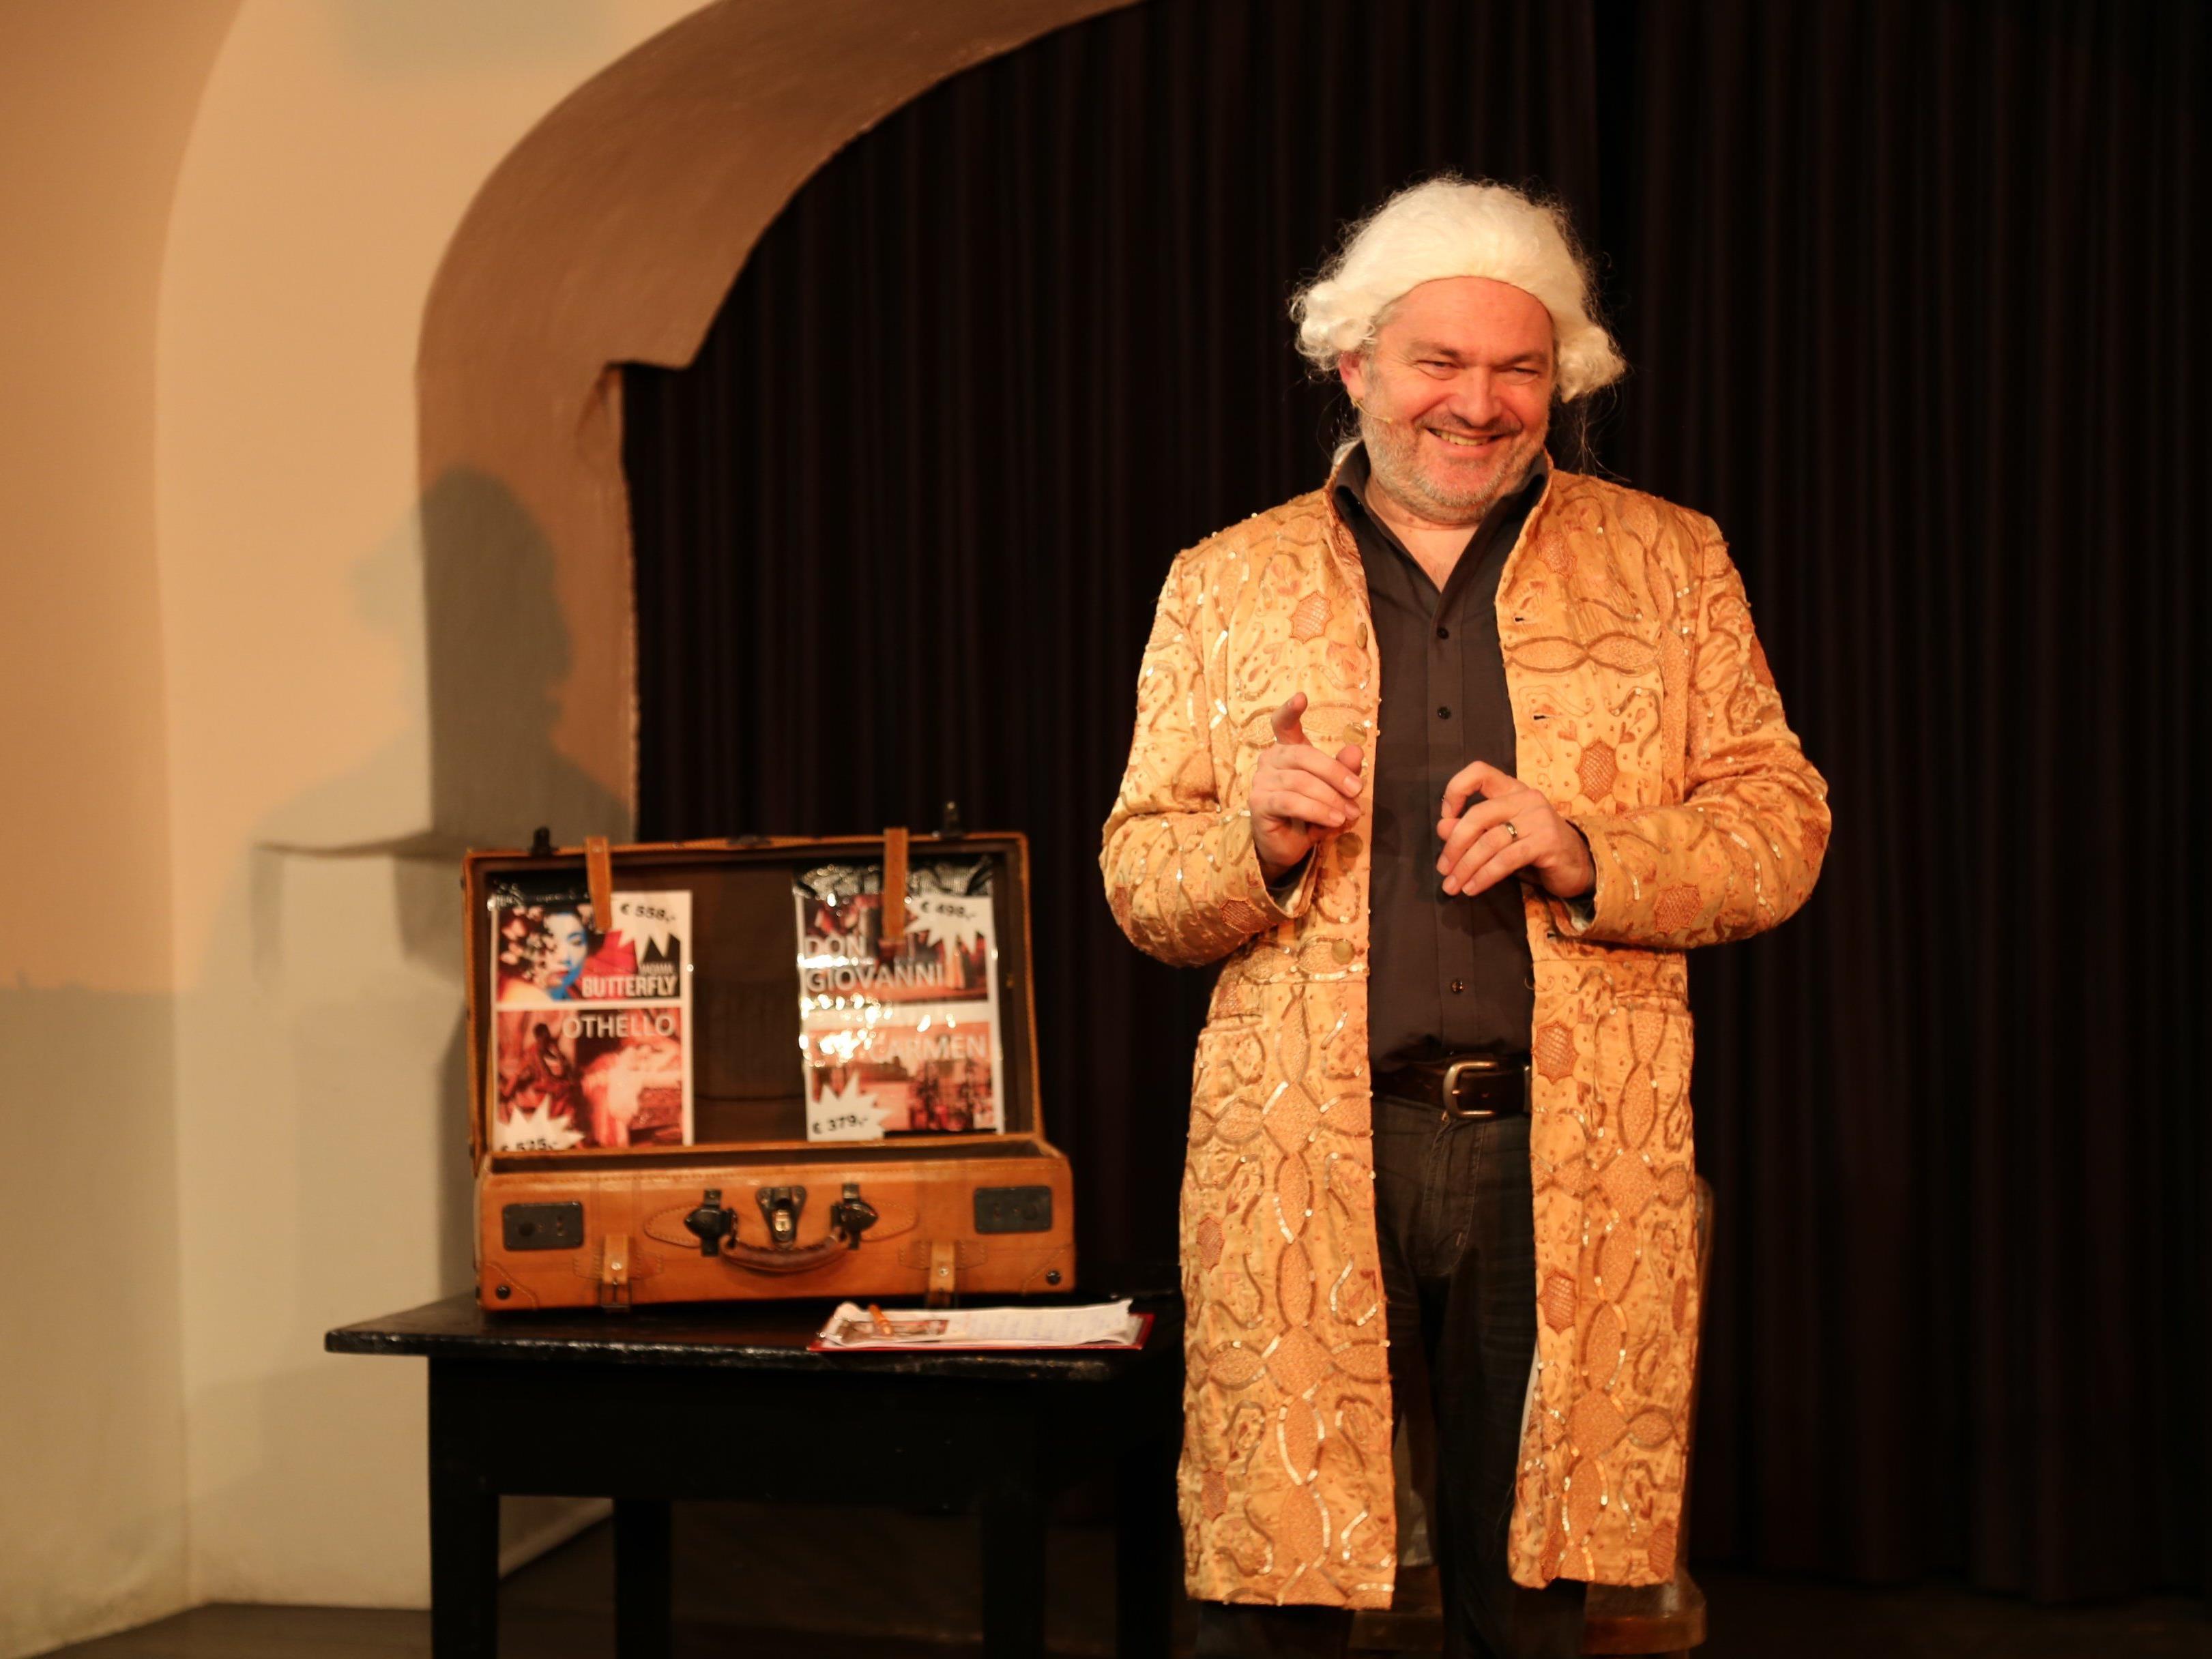 Der Kabarettist Werner Brix verkauft im Mozart-Outfit Opernkarten.